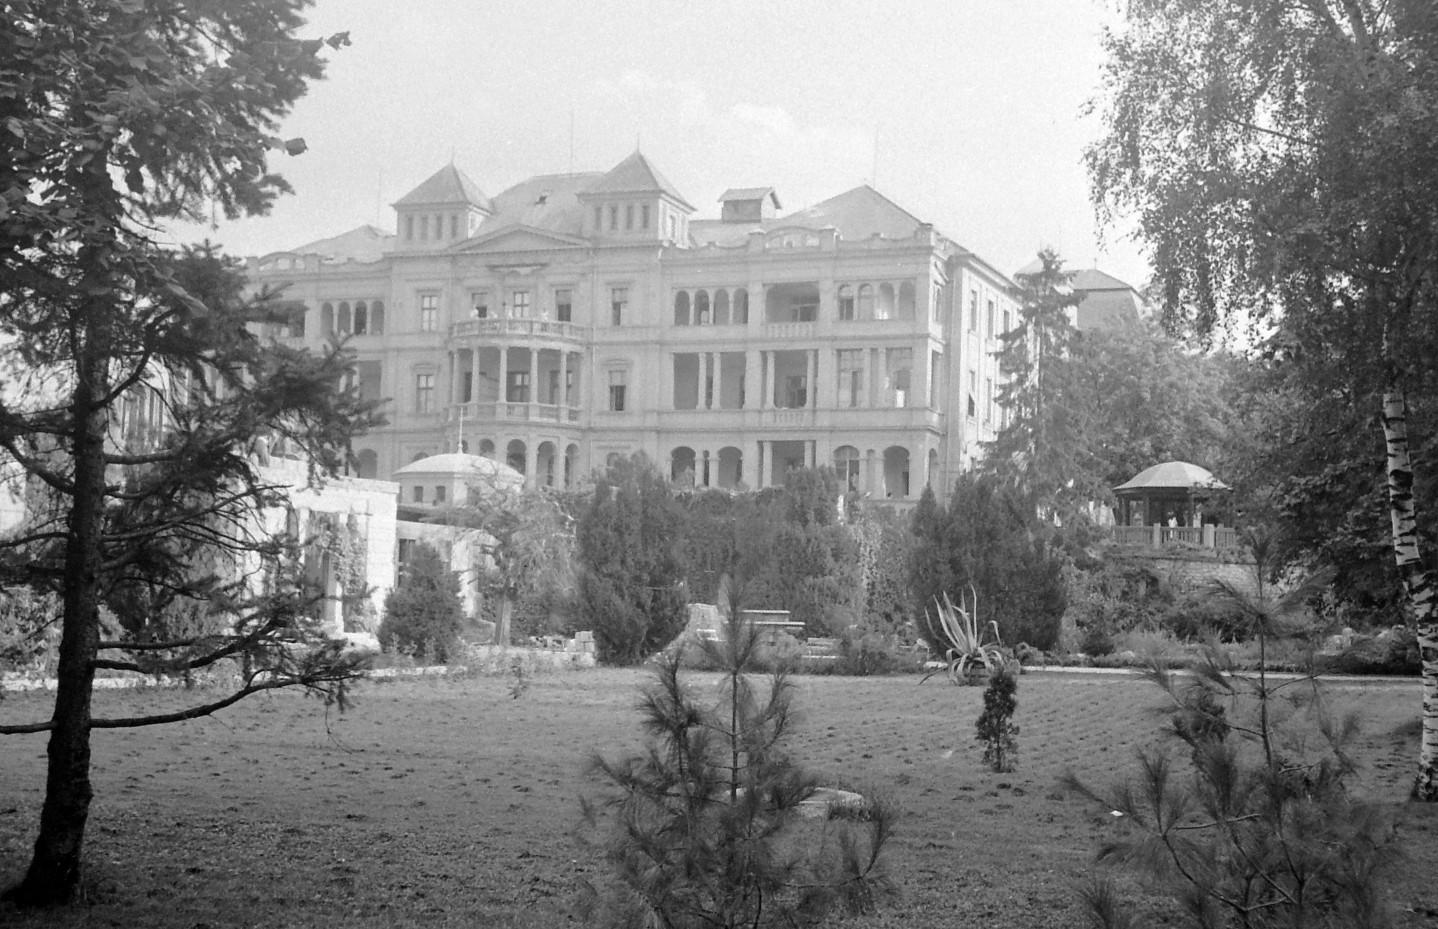 Balatonfüred Szívkórház gyógyfürdő